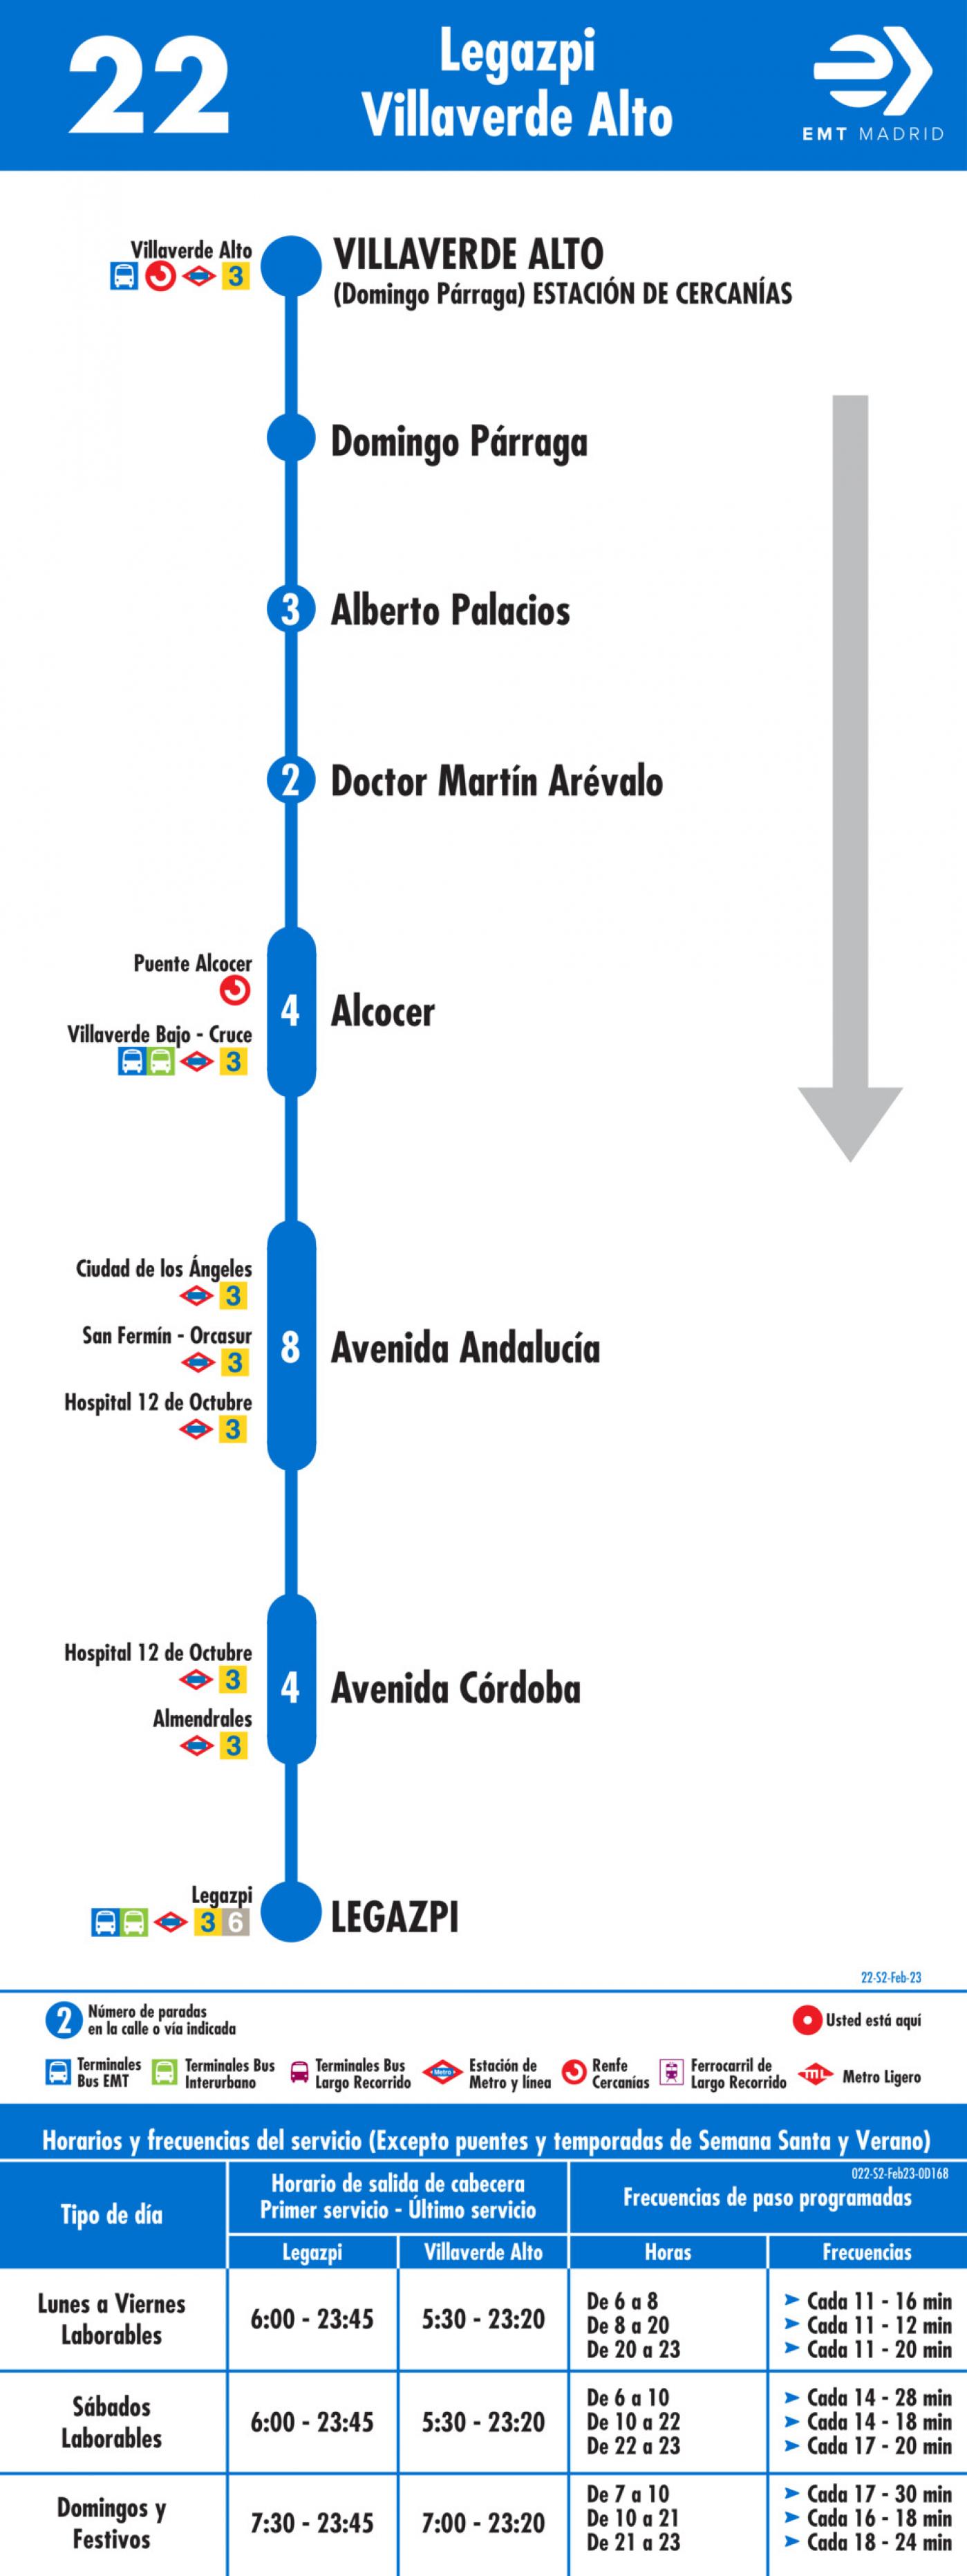 Tabla de horarios y frecuencias de paso en sentido vuelta Línea 22: Plaza de Legazpi - Villaverde Alto